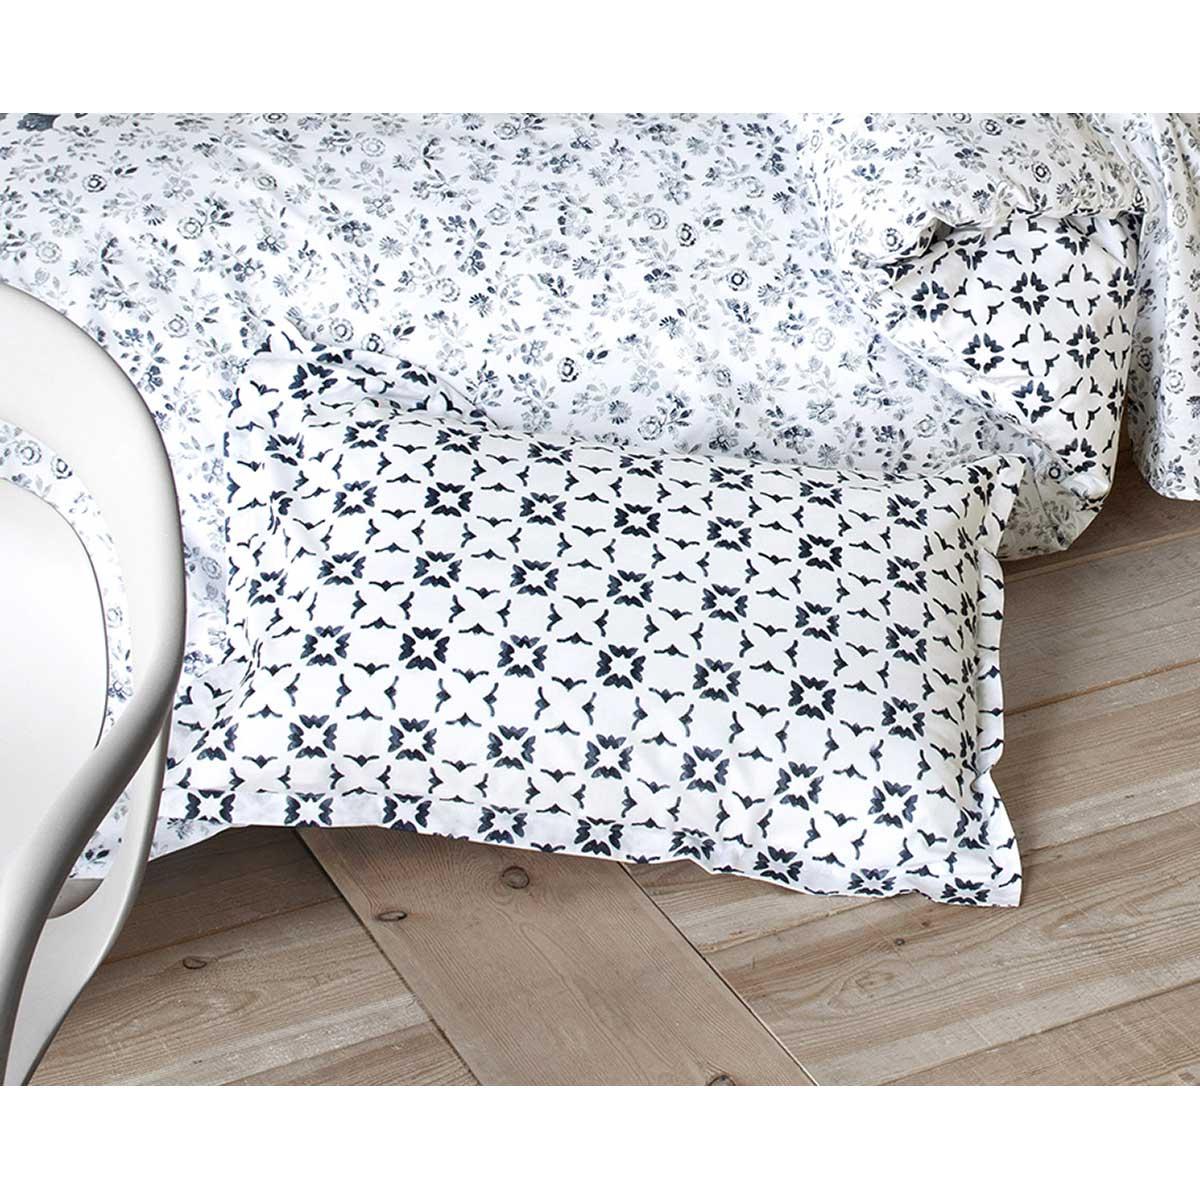 Taie d'oreiller imprimée carreaux de ciment (Blanc Bleu)